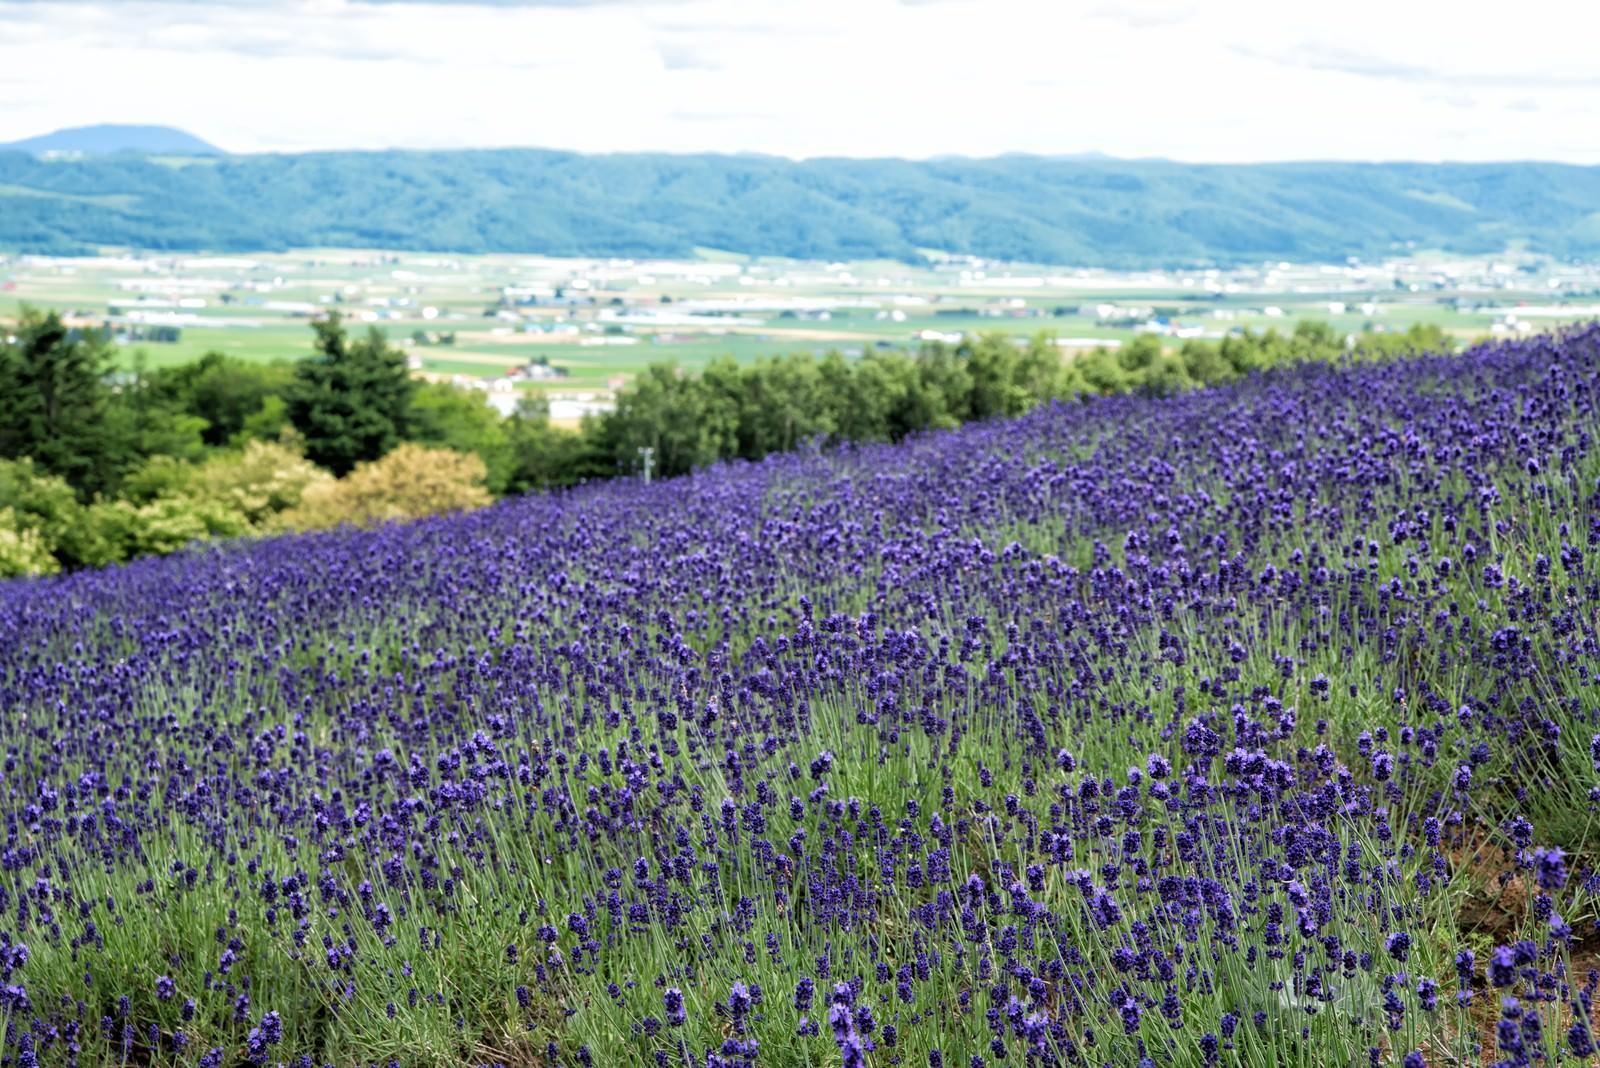 「富良野の高台にあるラベンダー畑から望む景色」の写真